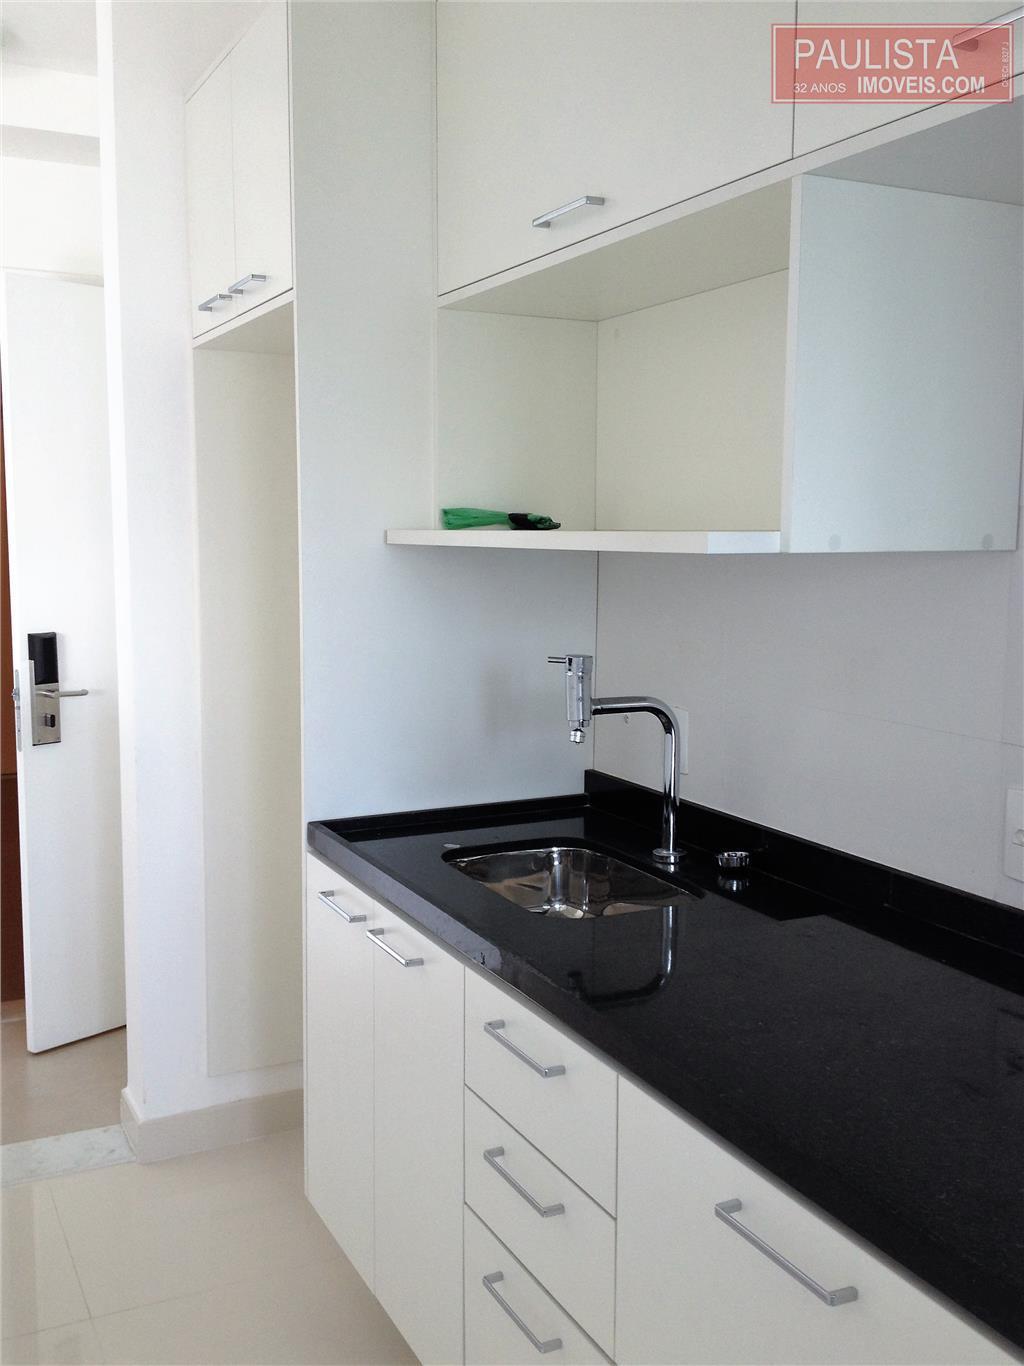 Paulista Imóveis - Apto 1 Dorm, Brooklin (AP12755) - Foto 12